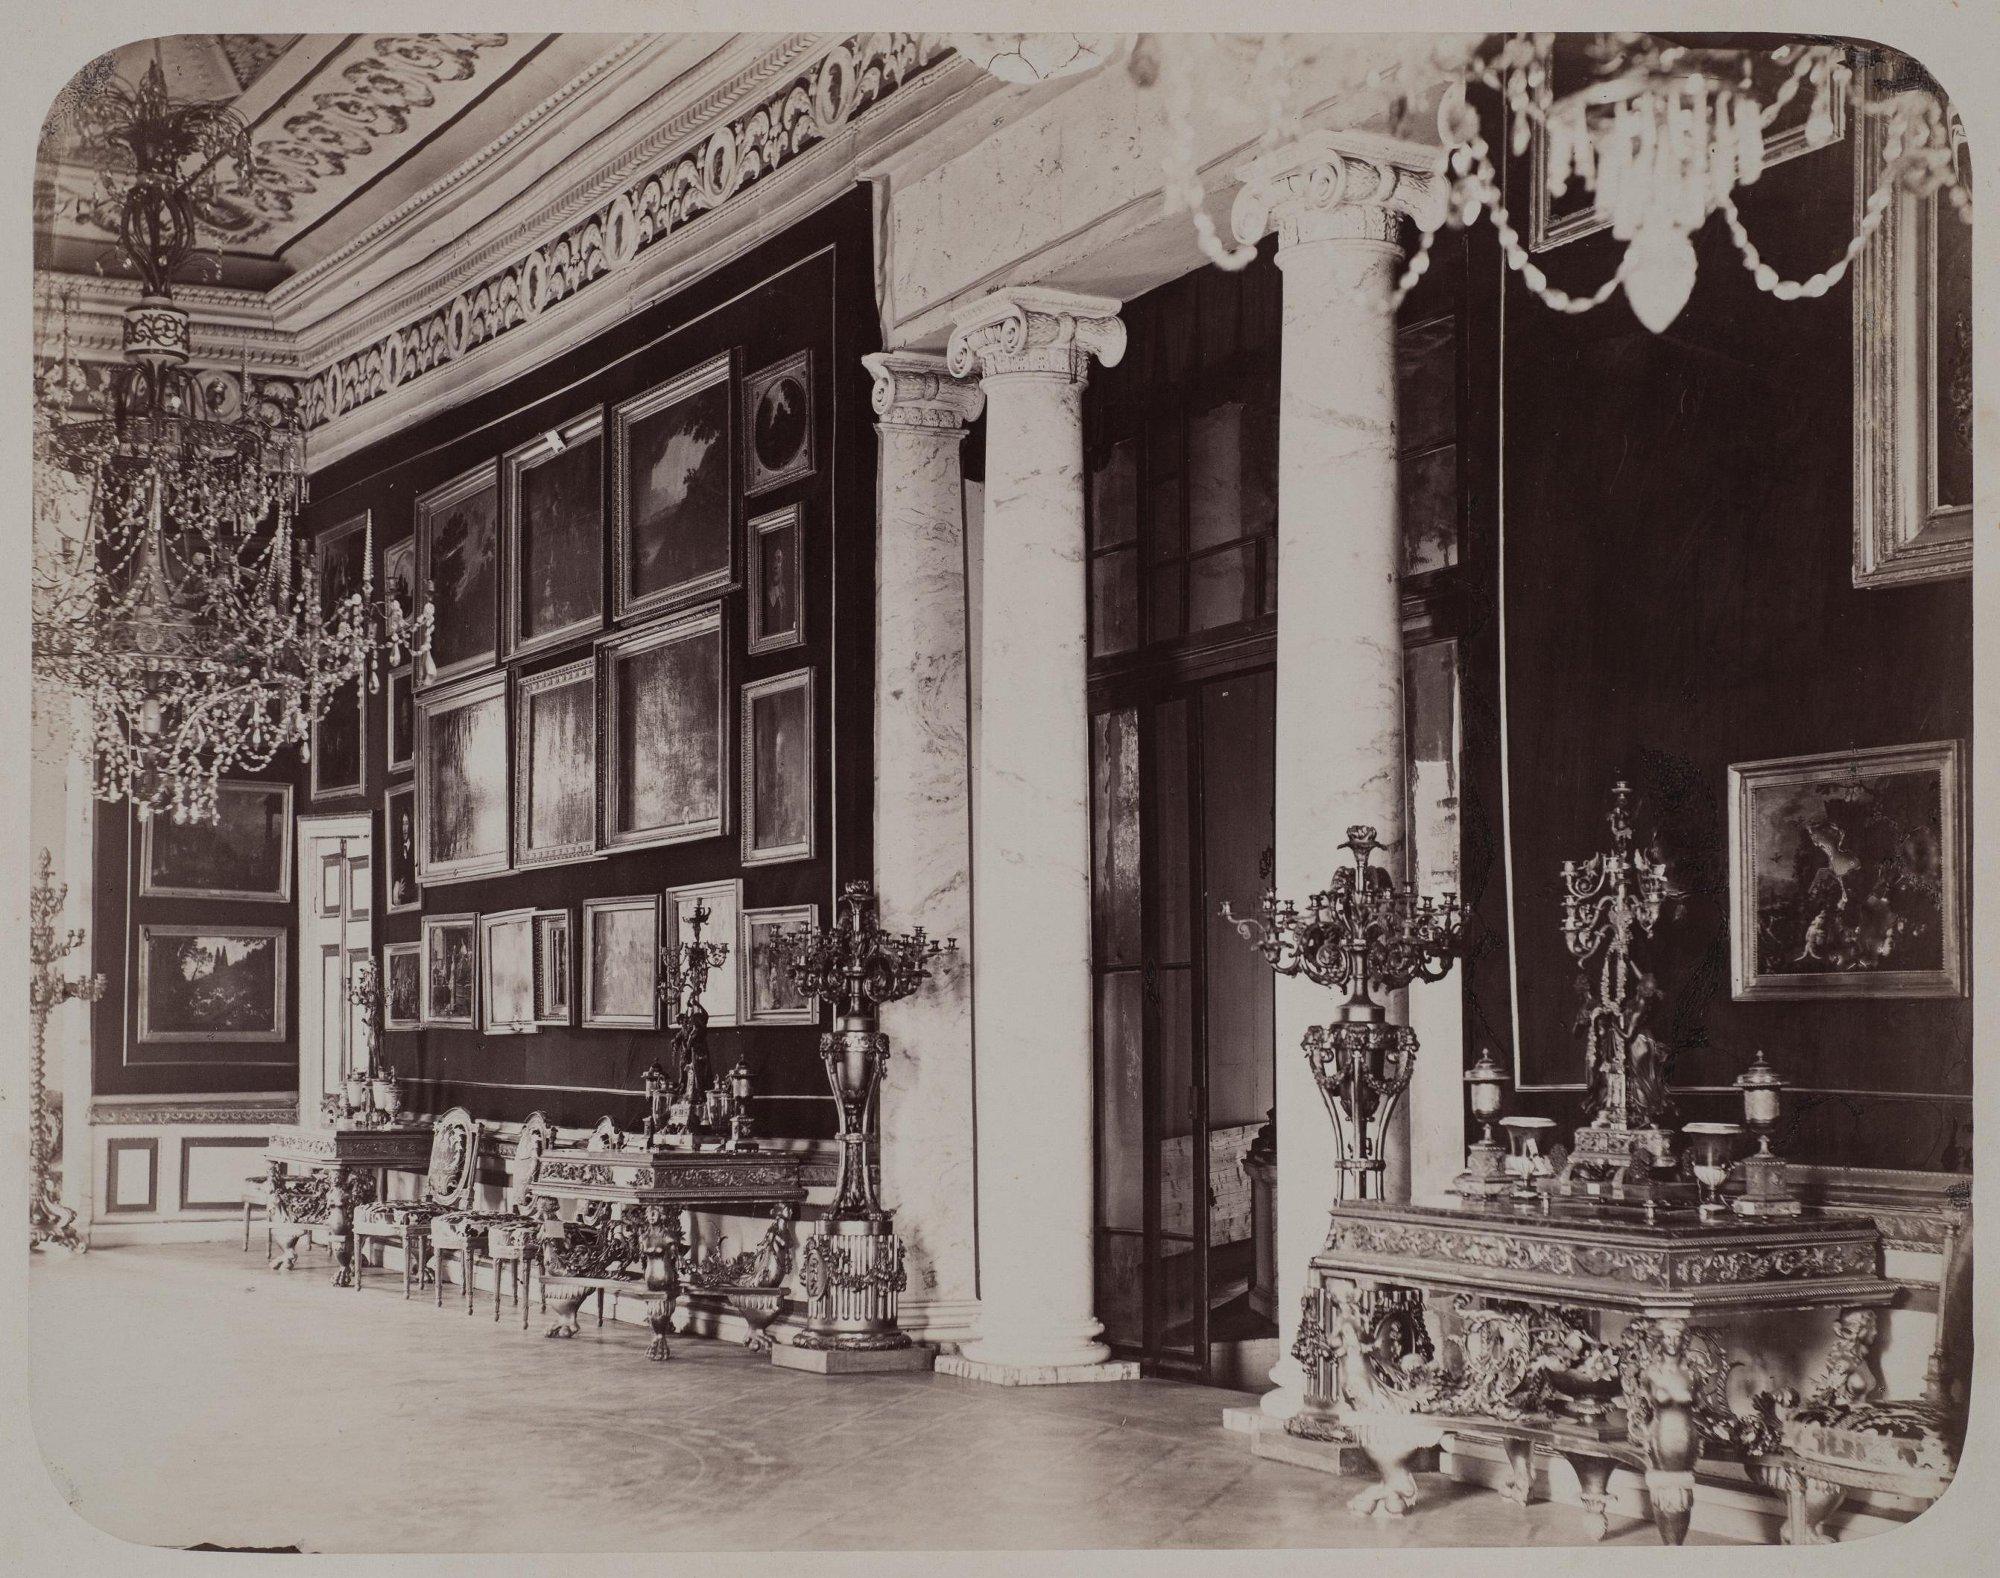 1870-е. Архангельское. Картинная галерея